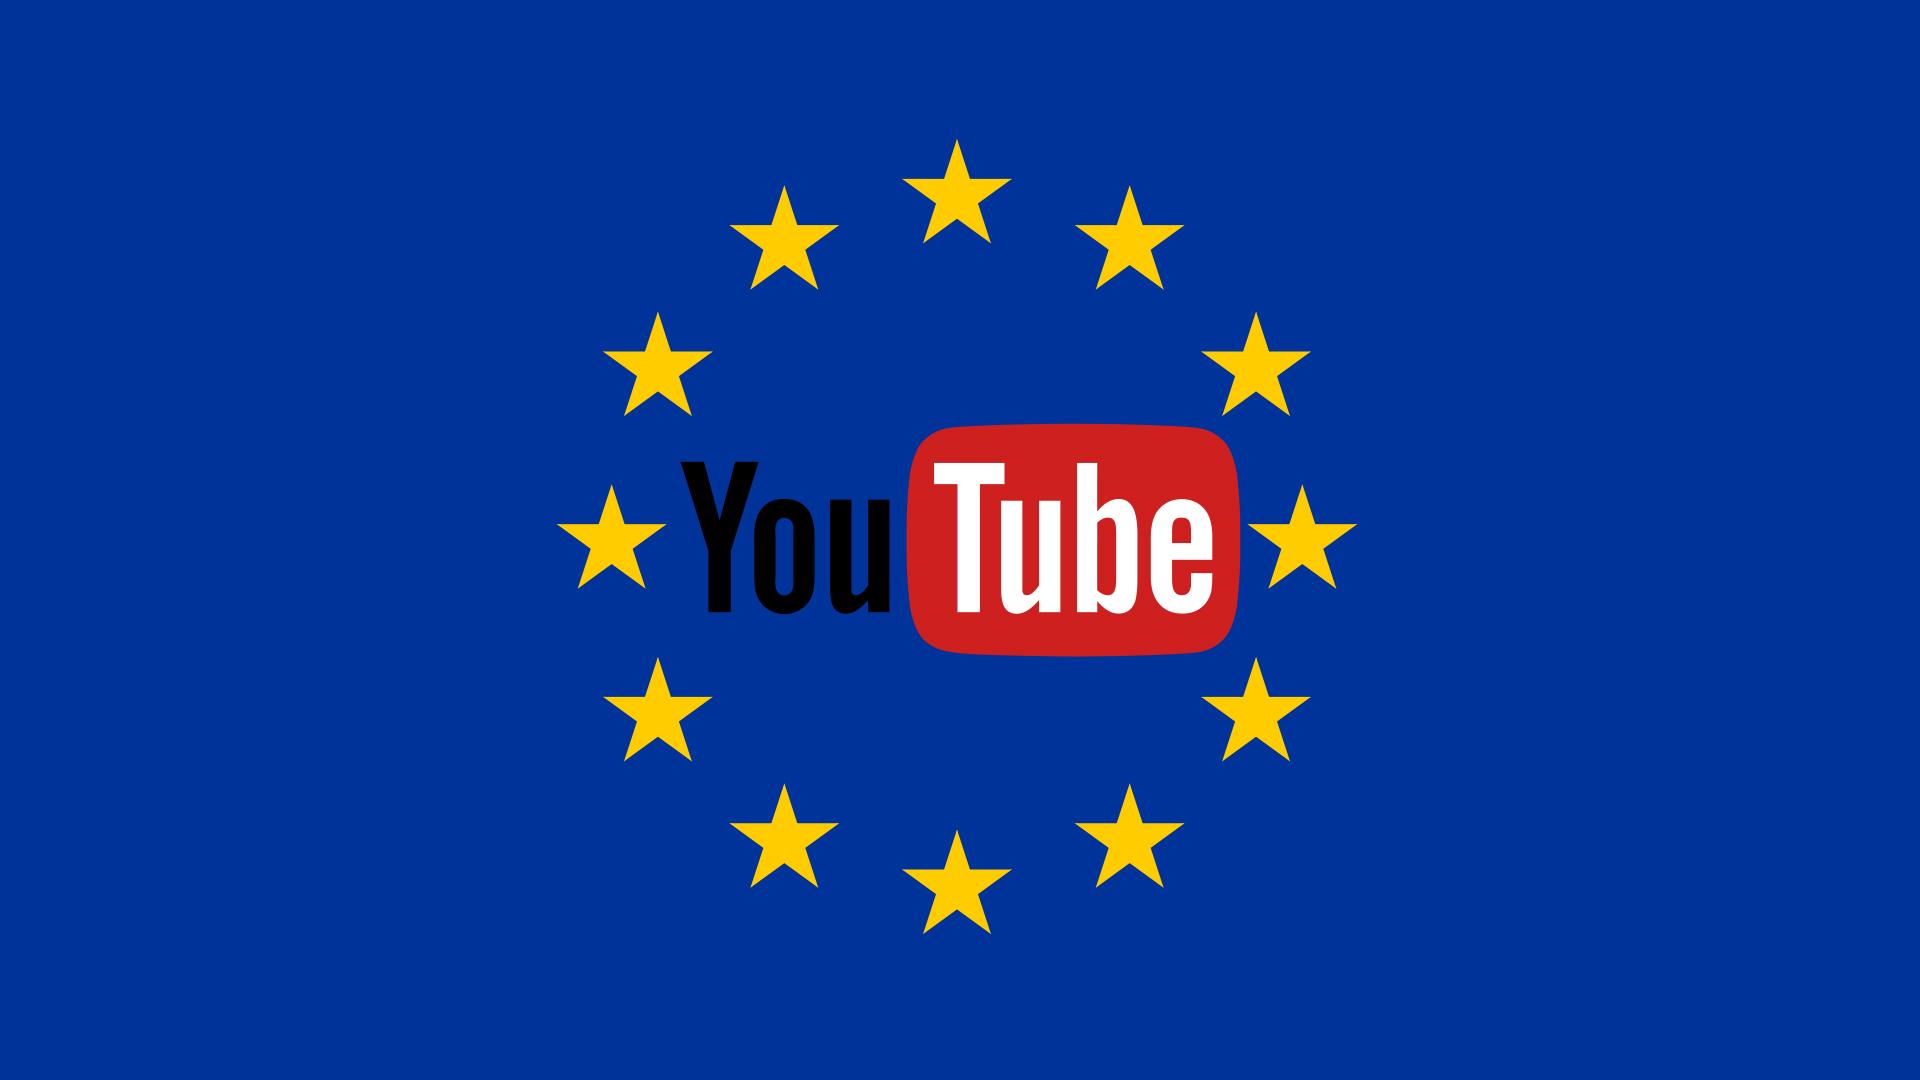 YouTube: - EU kommer til å kvele kreativiteten